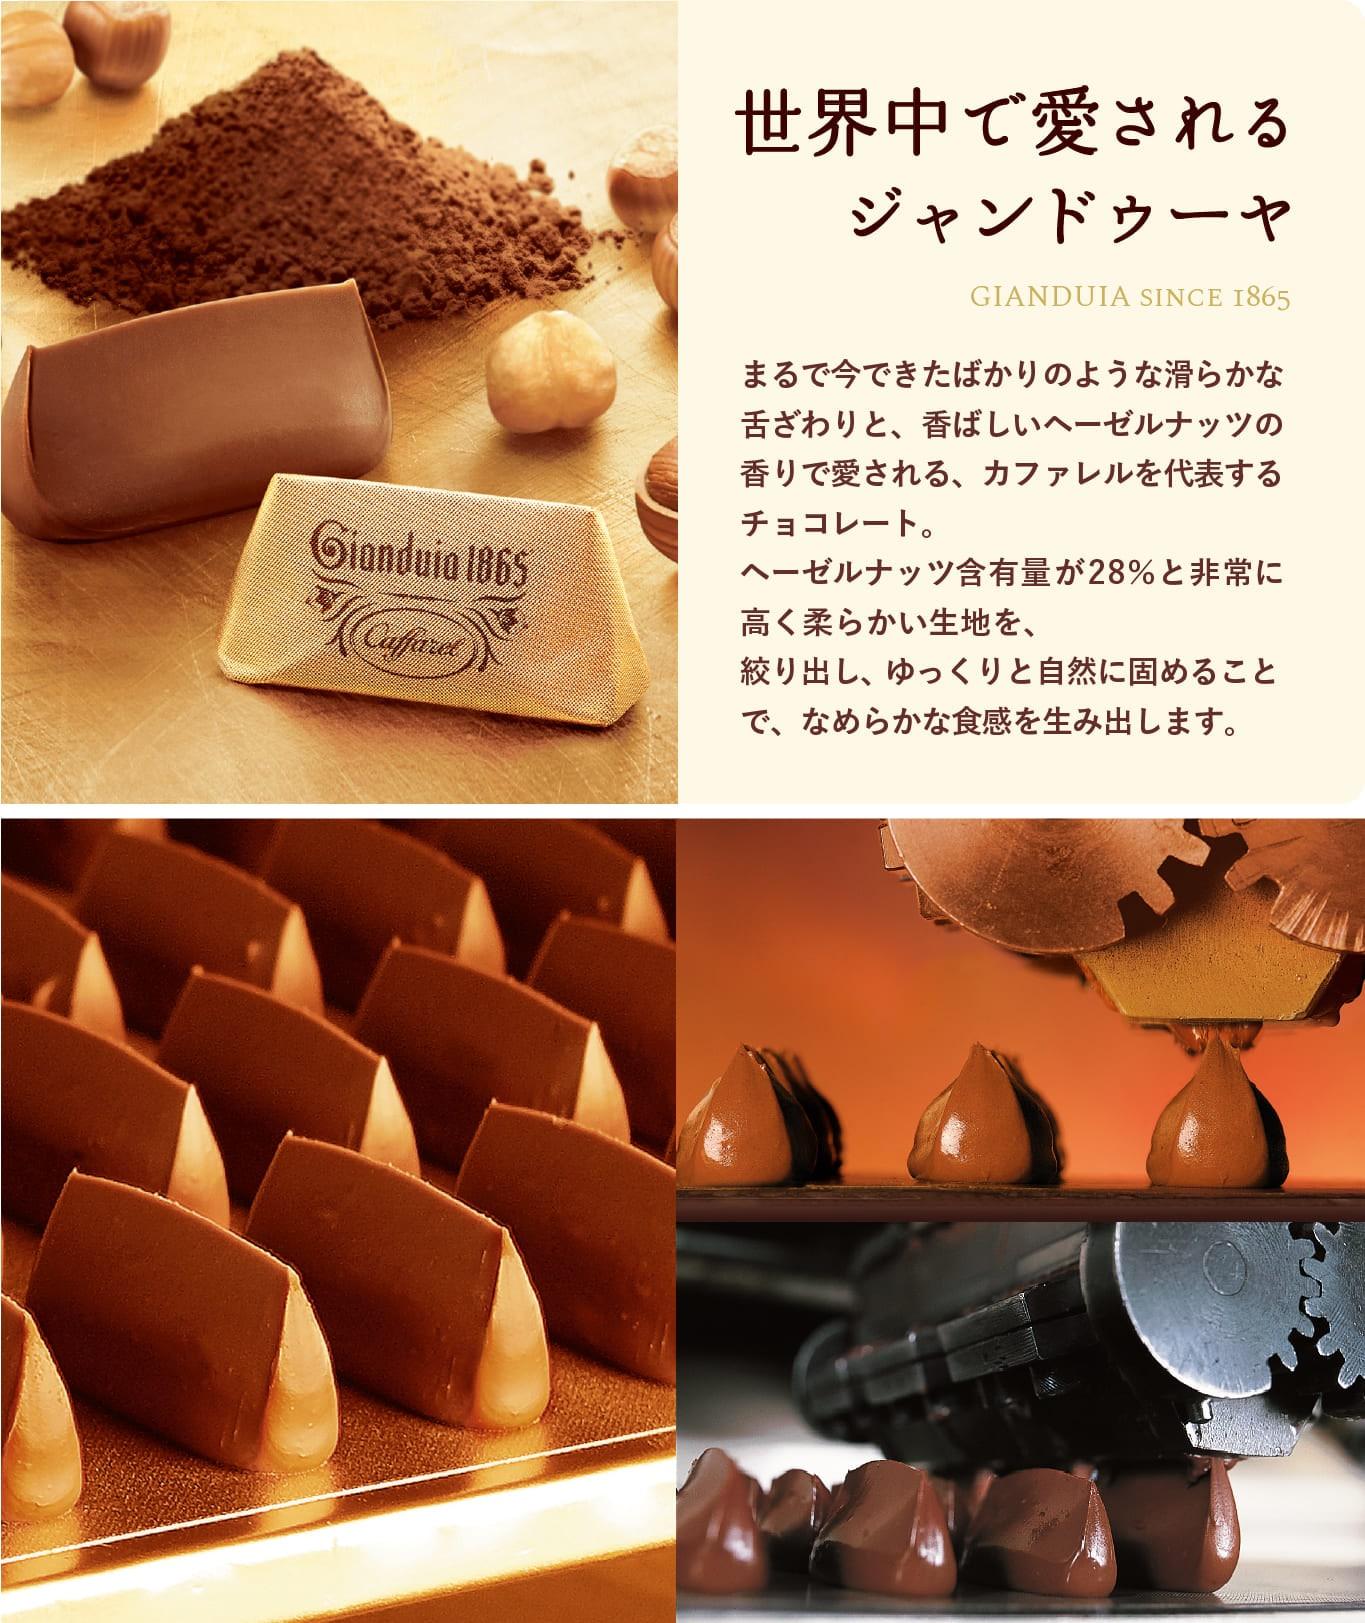 カファレルの高級チョコレート ジャンドゥーヤ